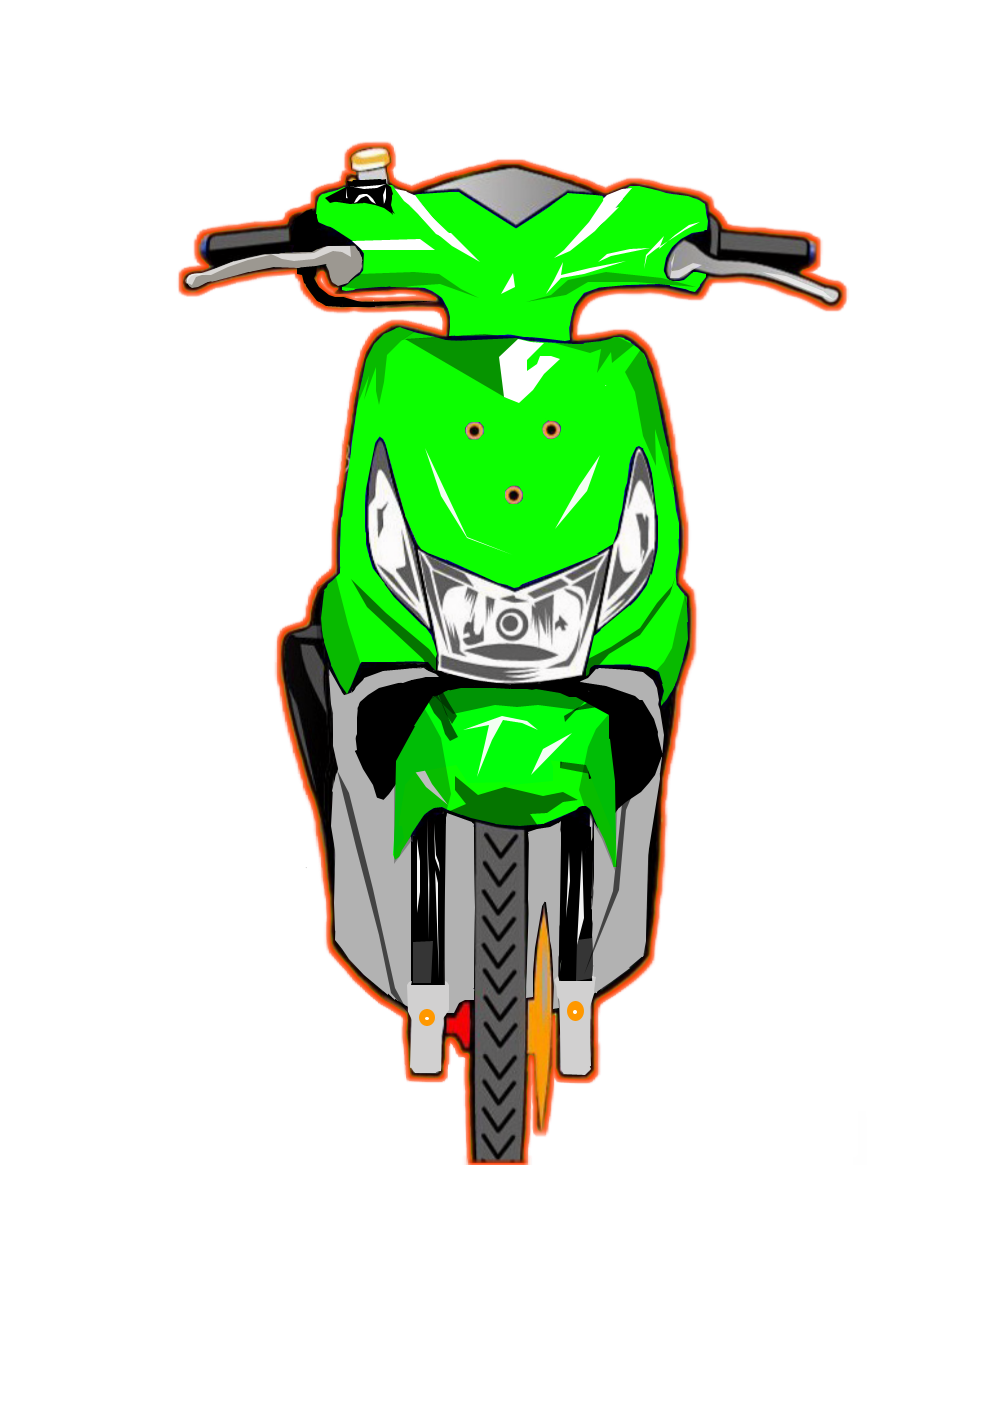 Pin Oleh Amir Syarifuddin Di Desain Logo Dengan Gambar